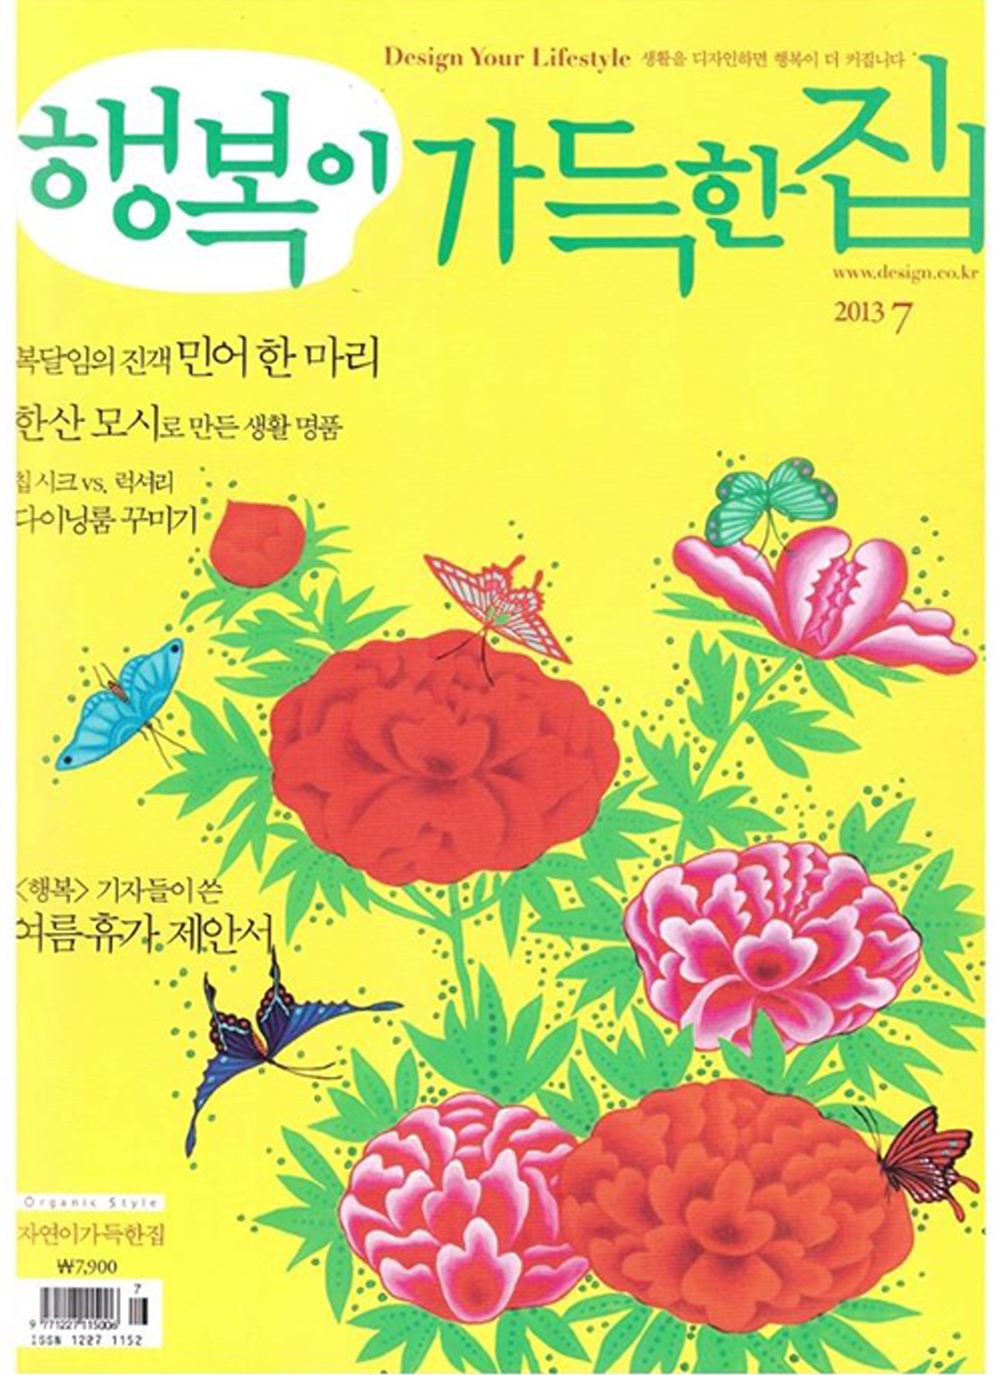 행복이 가득한집  07.2013  Rosemary Hotel, Korea